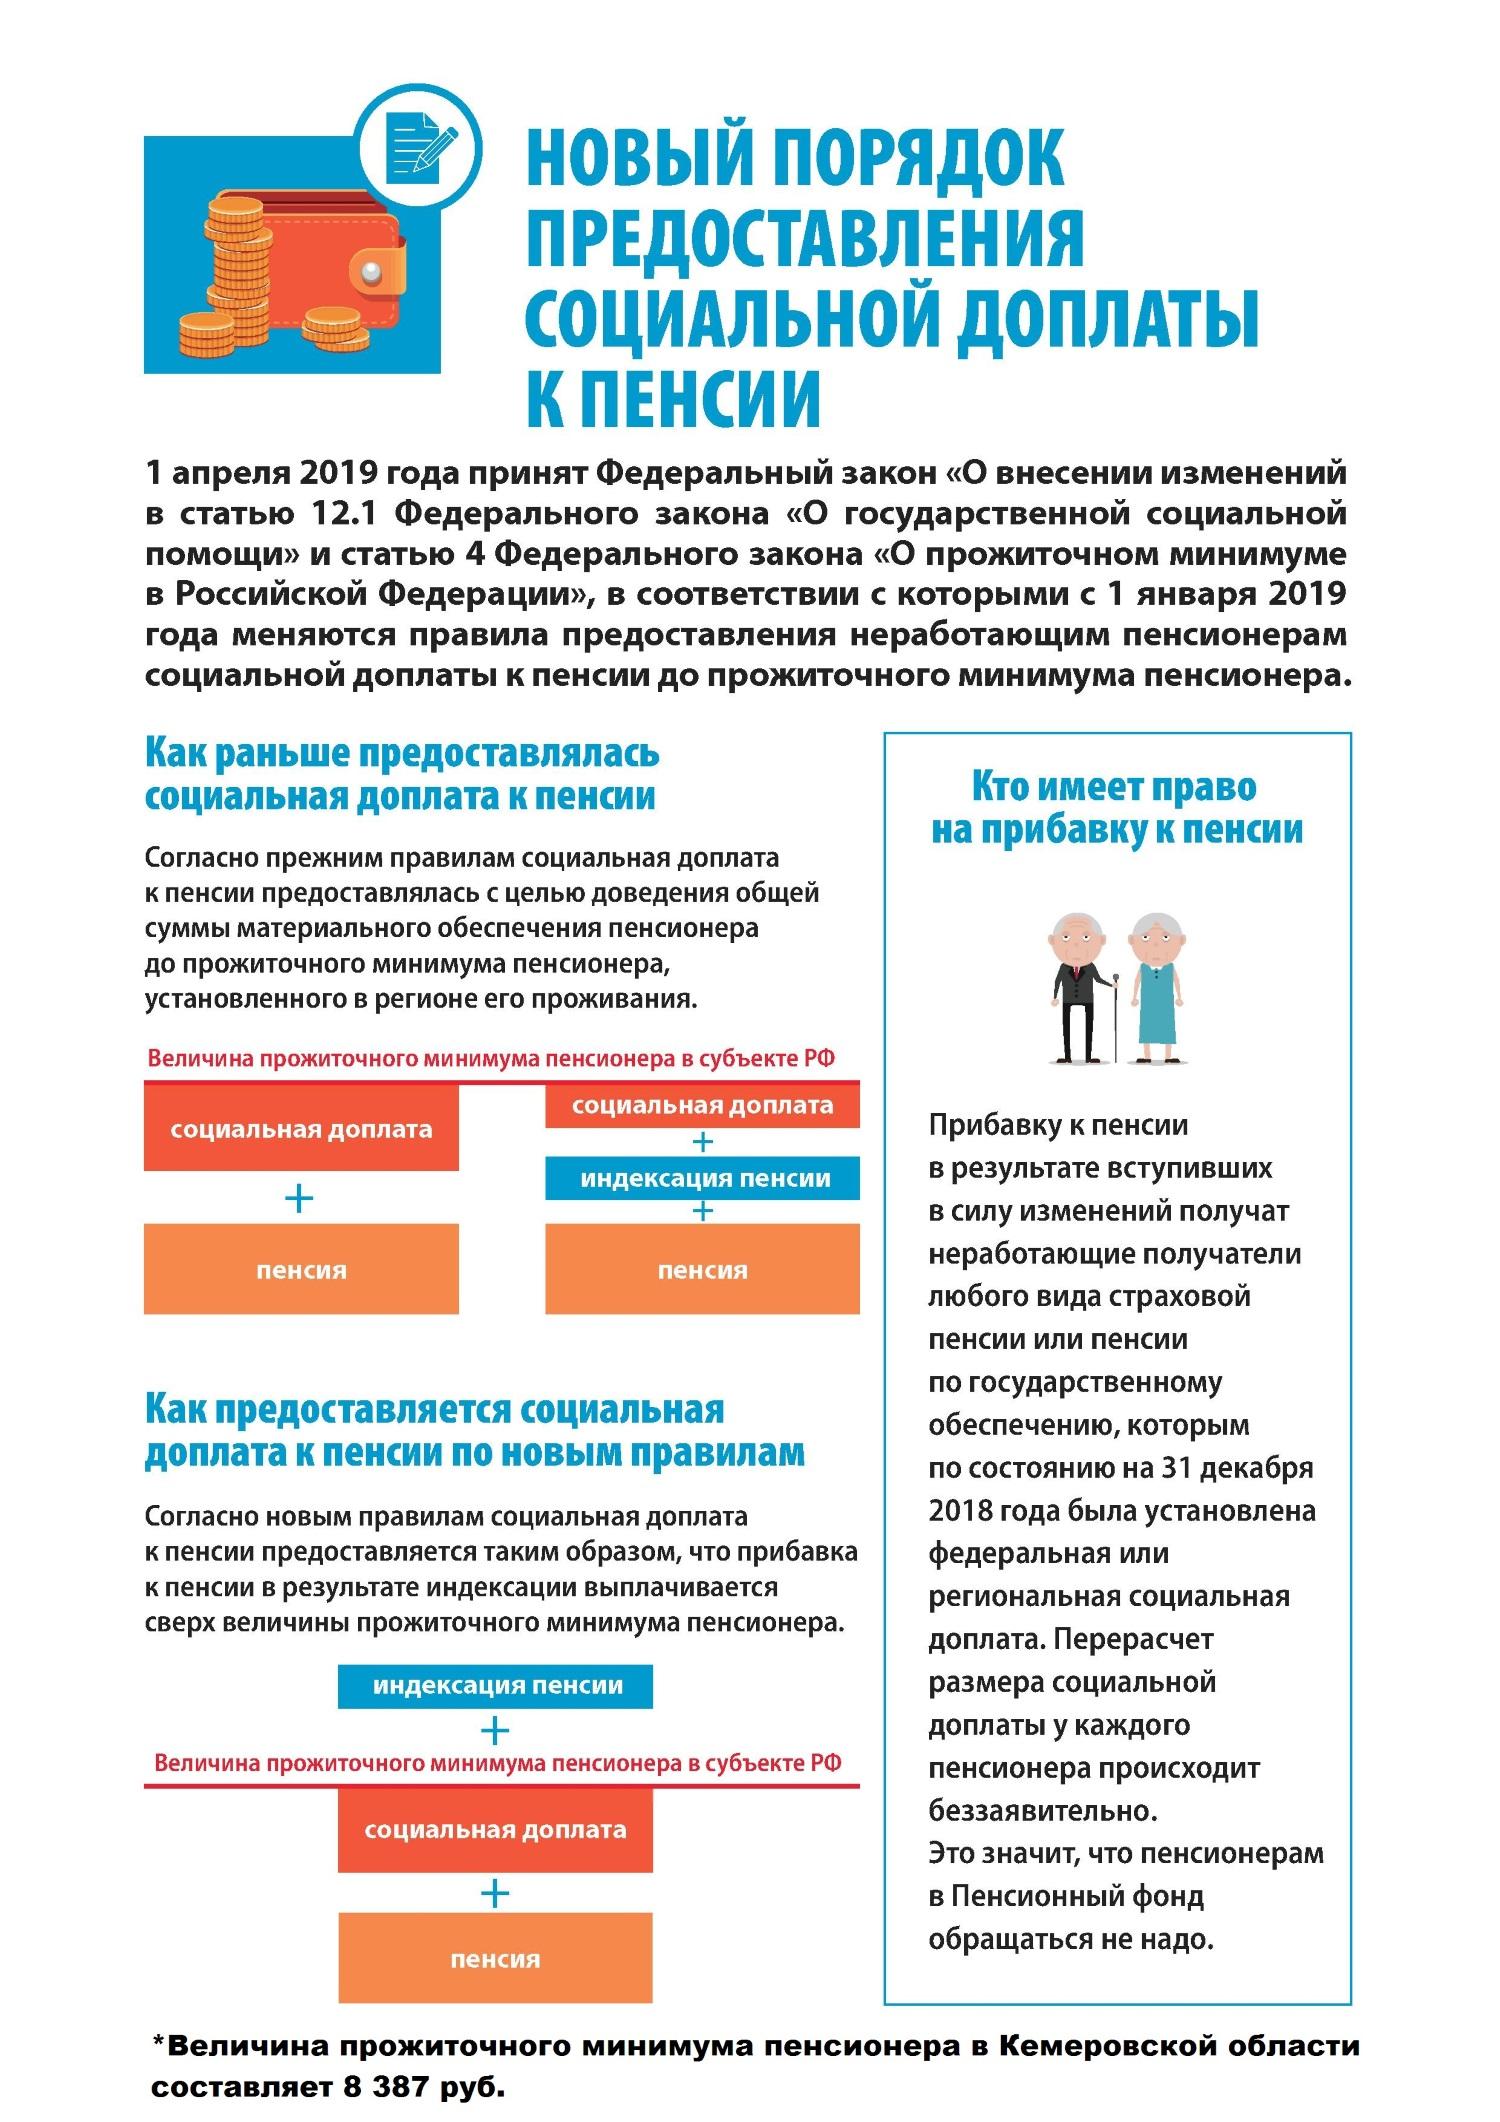 добровольное вступление по обязательному пенсионному страхованию